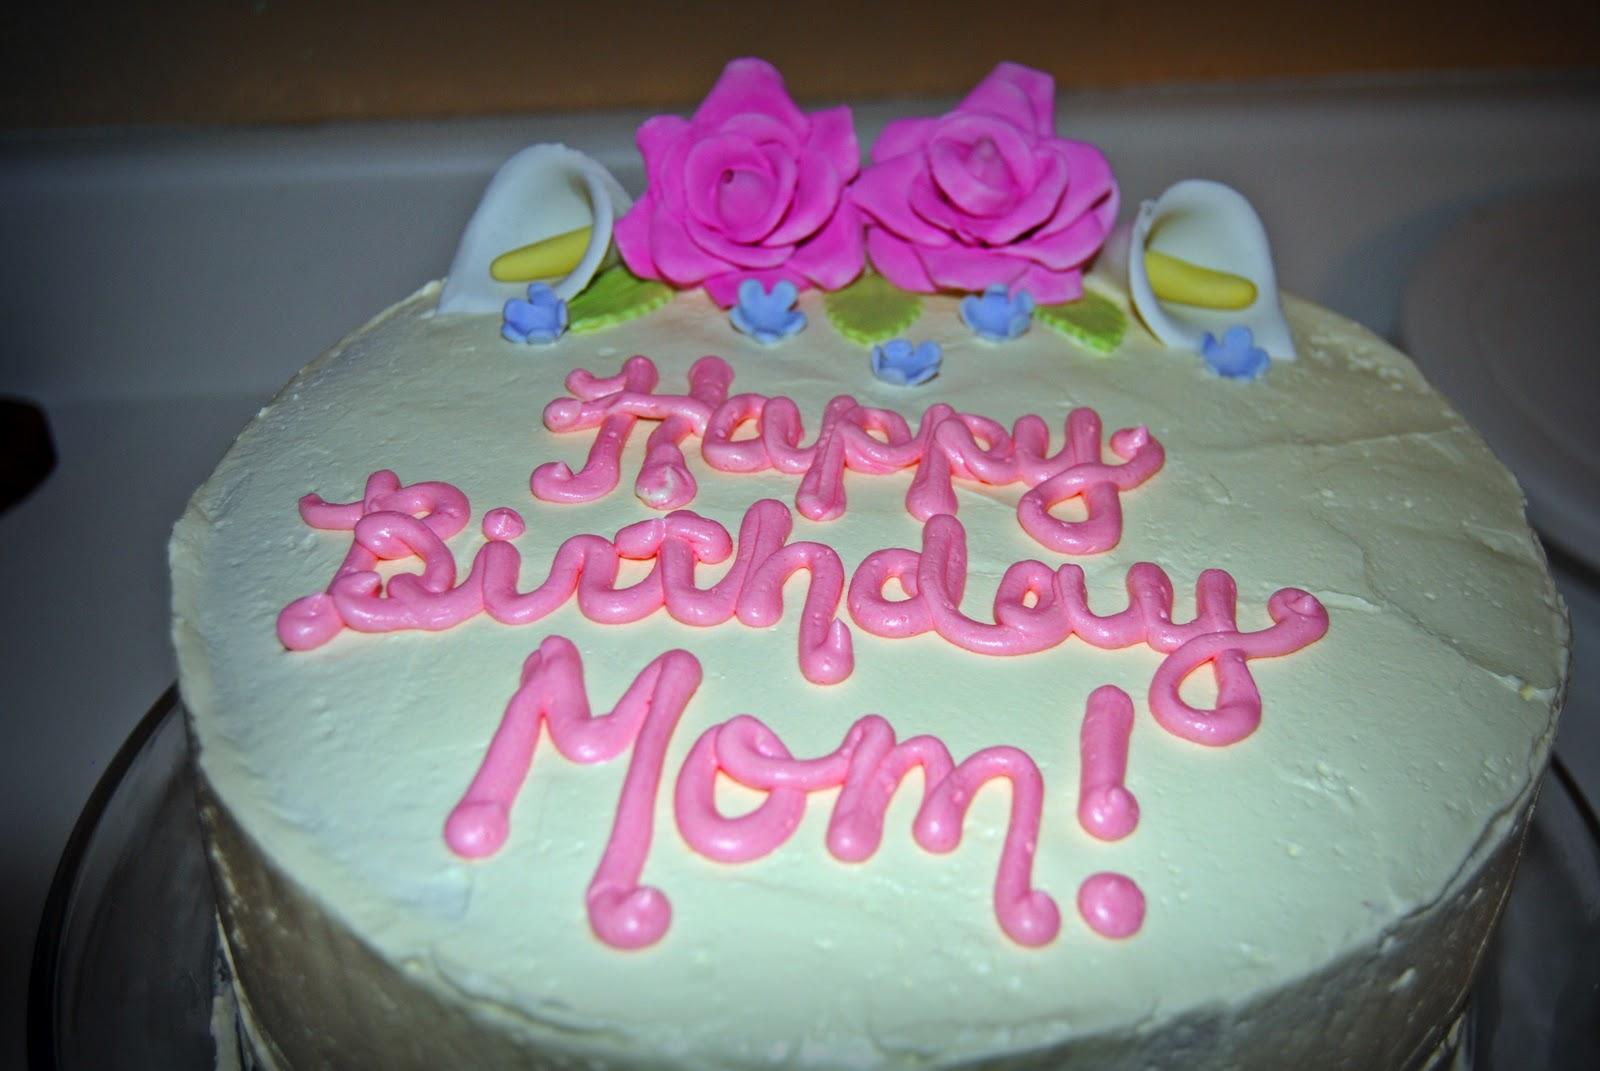 breezie s cakes happy birthday mom